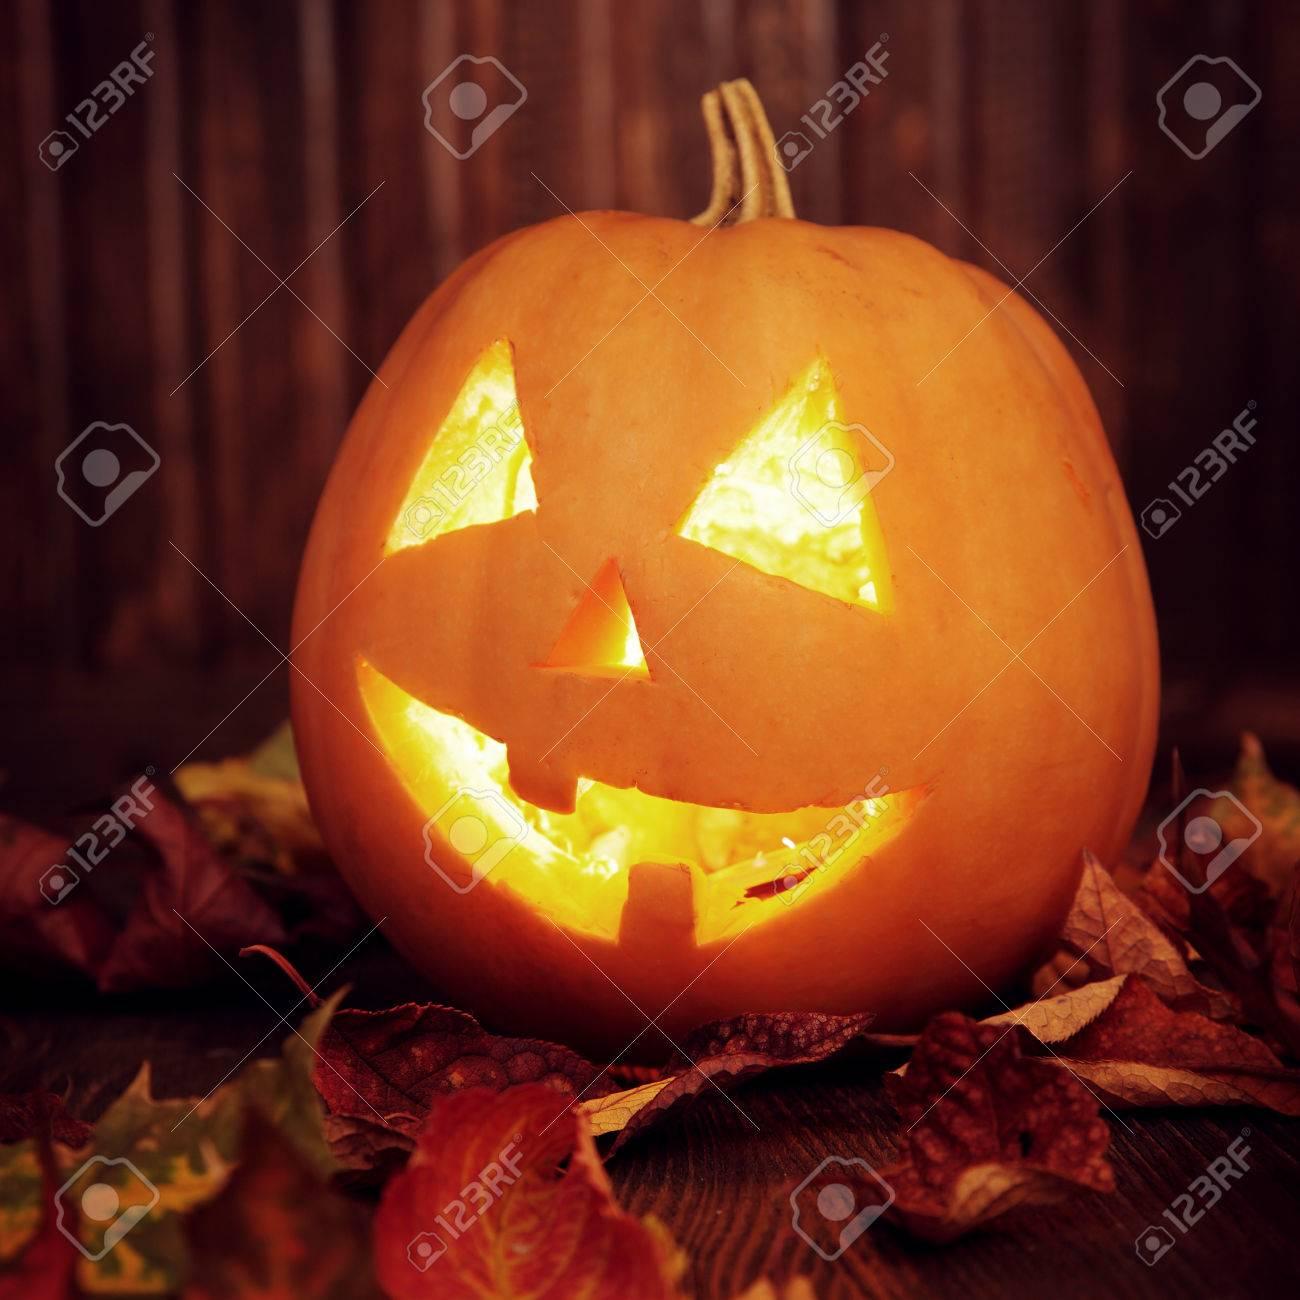 Facce Zucche Di Halloween.Faccia Di Zucca Jack O Lanterne Di Halloween Su Priorita Bassa E L Autunno In Legno Foglie